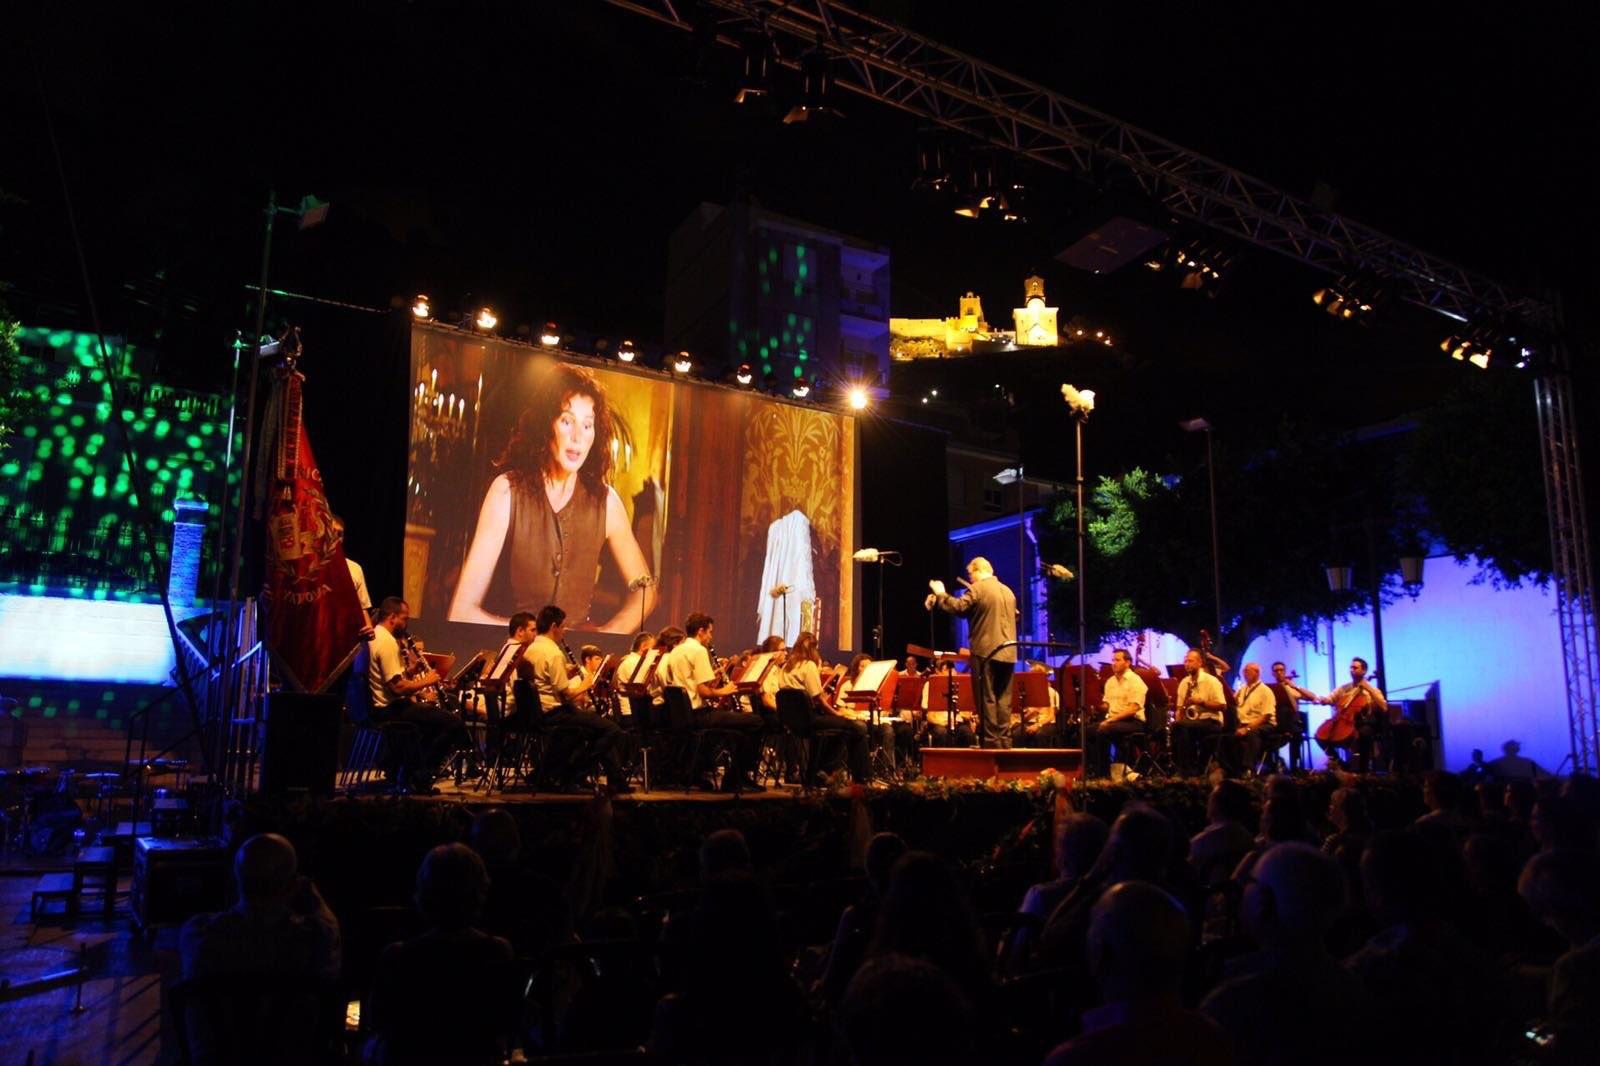 La banda sinfónica de La Unión Musical de Yátova se ha alzado con el primer premio en la octava edición del certamen de Cullera.